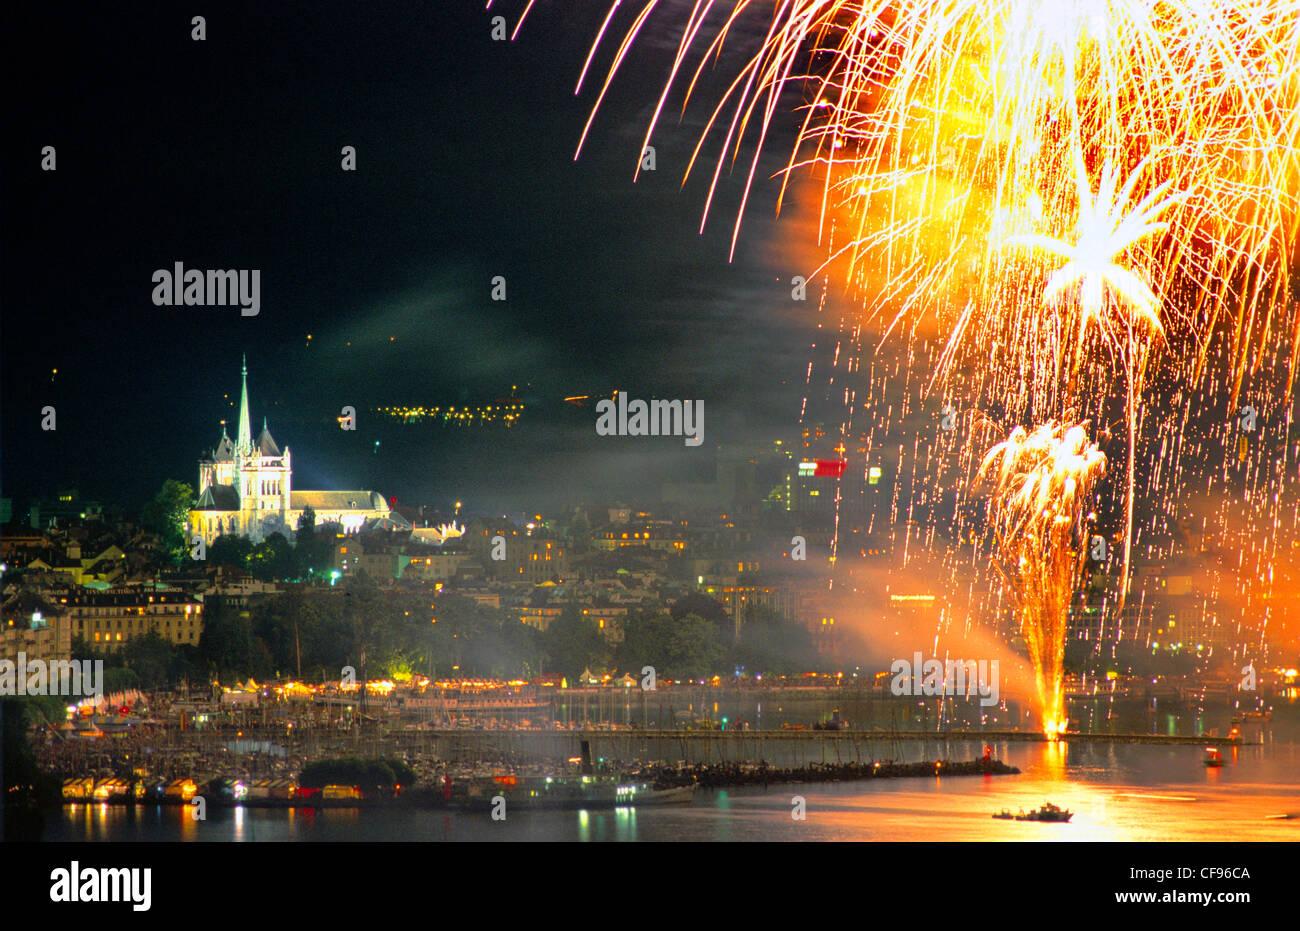 Switzerland, Europe, Geneve, Geneva, Lac Leman, cityscape, fireworks, cathedral - Stock Image